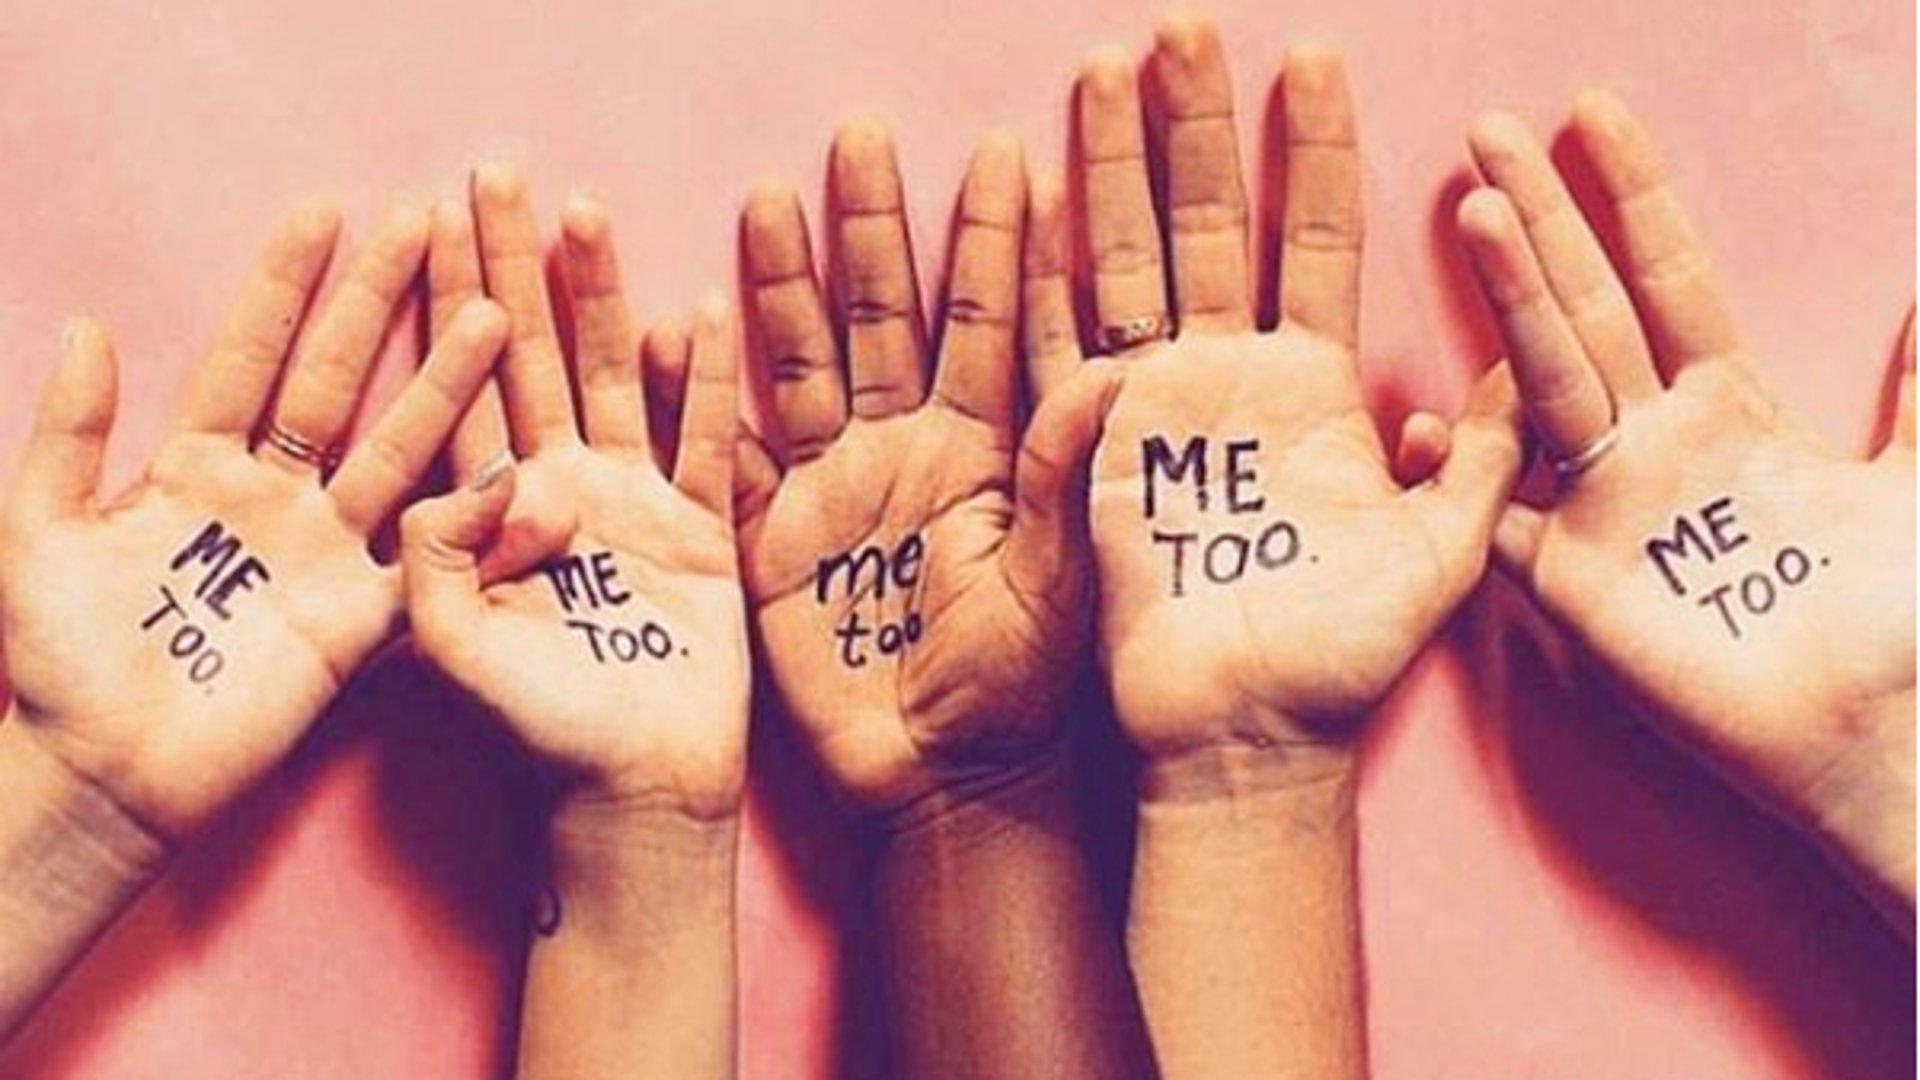 Sexuelle Belästigung: Frauen teilen ihre Erfahrungen mit #MeToo